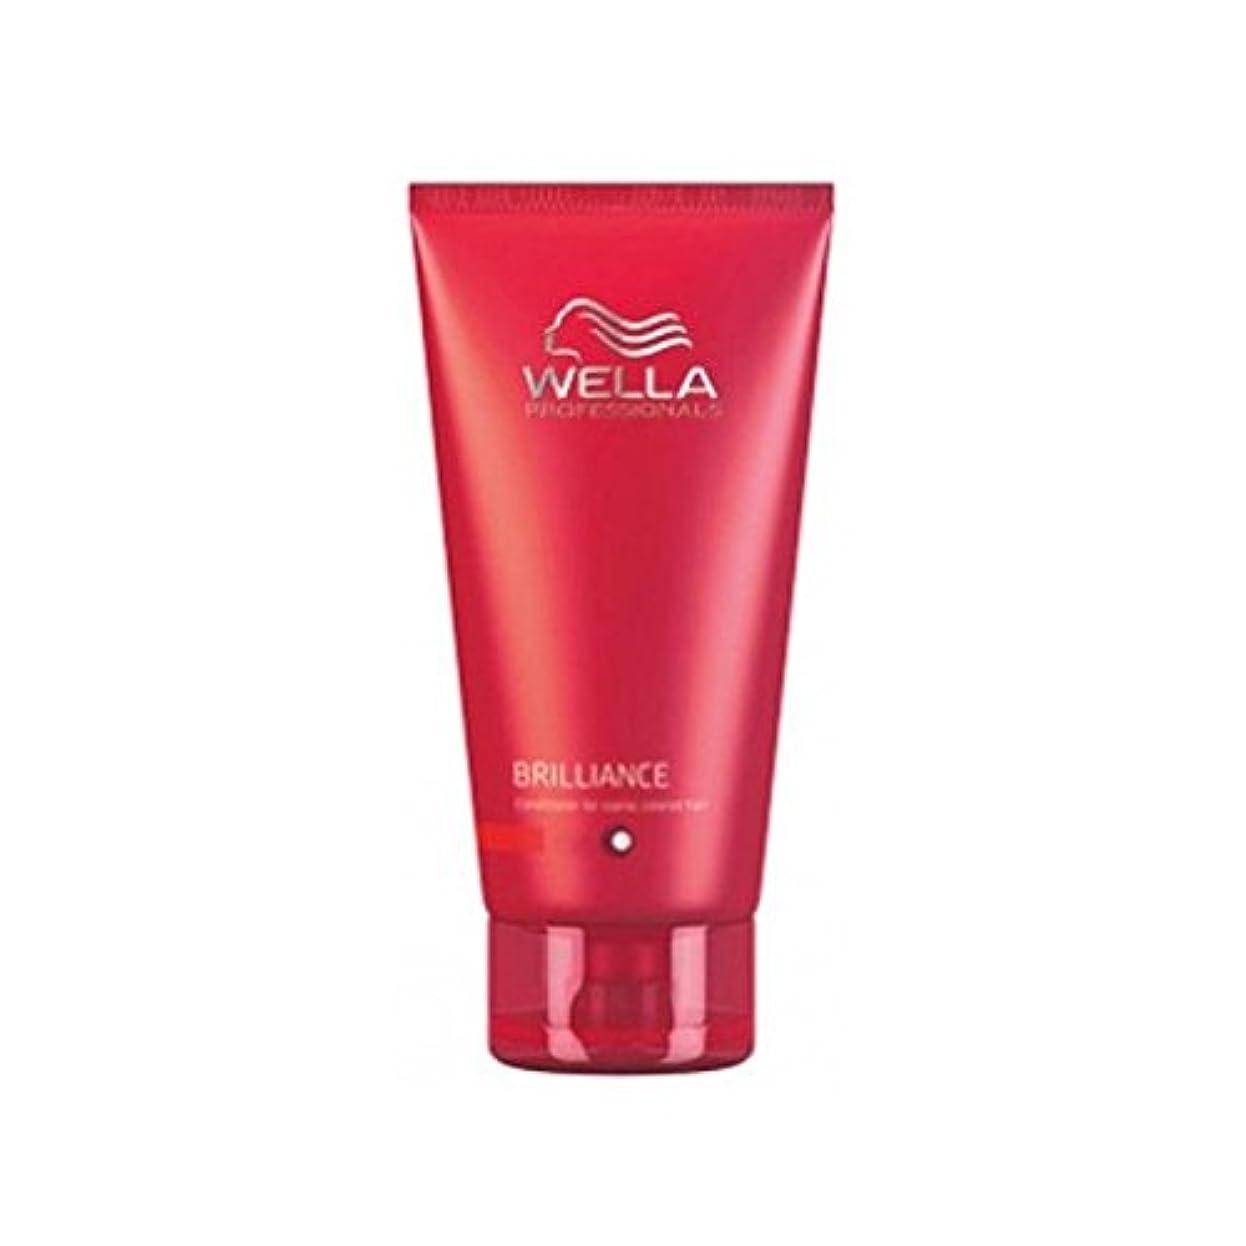 租界ラッドヤードキップリングエッセイウェラの専門家が通常に細かいためのコンディショナーを輝き、色の髪(200ミリリットル) x2 - Wella Professionals Brilliance Conditioner For Fine To Normal, Coloured Hair (200ml) (Pack of 2) [並行輸入品]